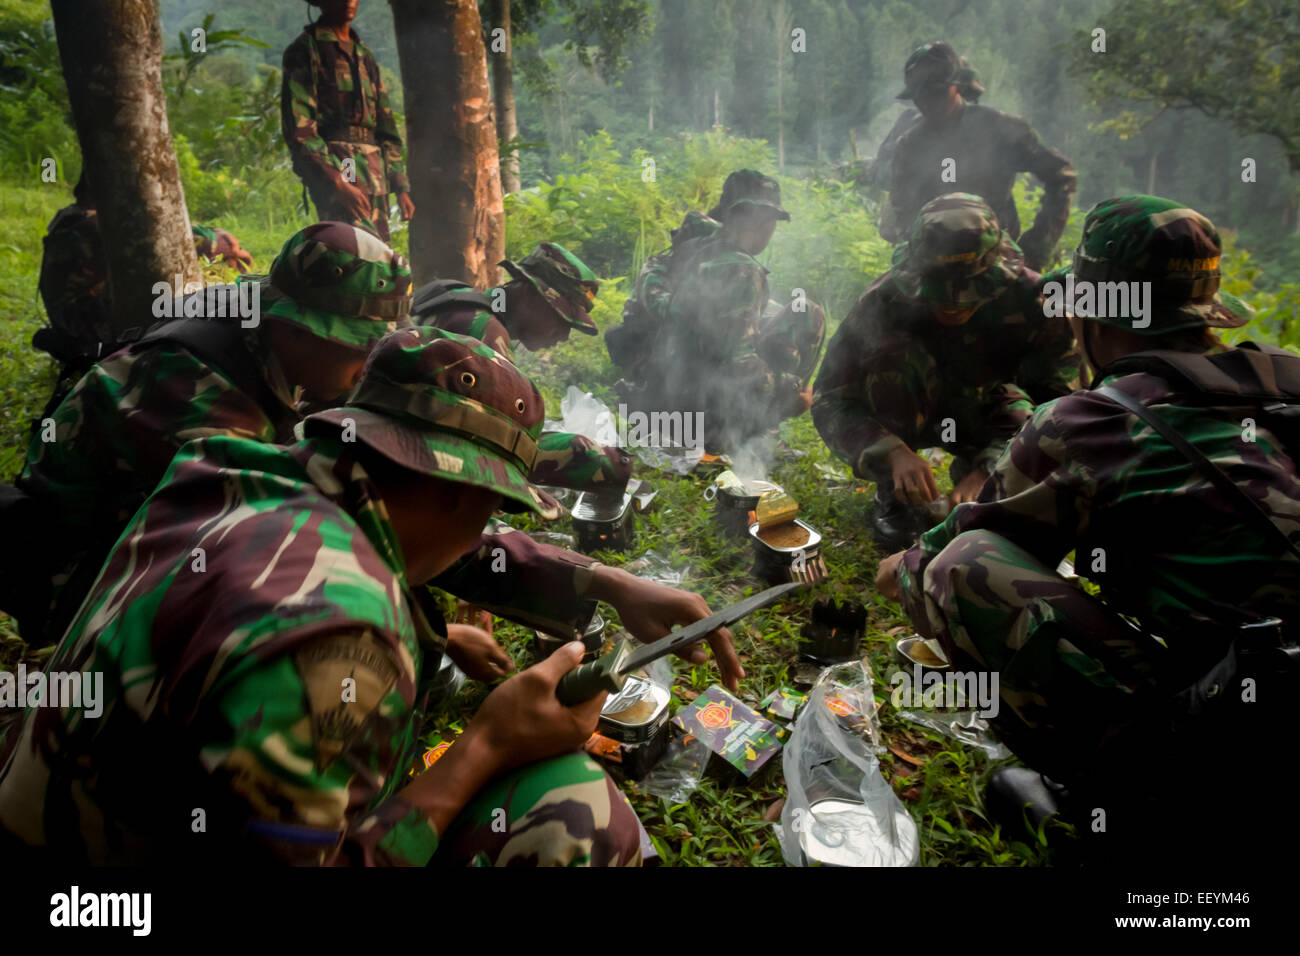 Prendre le petit déjeuner avant de marines indonésienne mission de recherche et de sauvetage Sukhoi Superjet 100 Banque D'Images